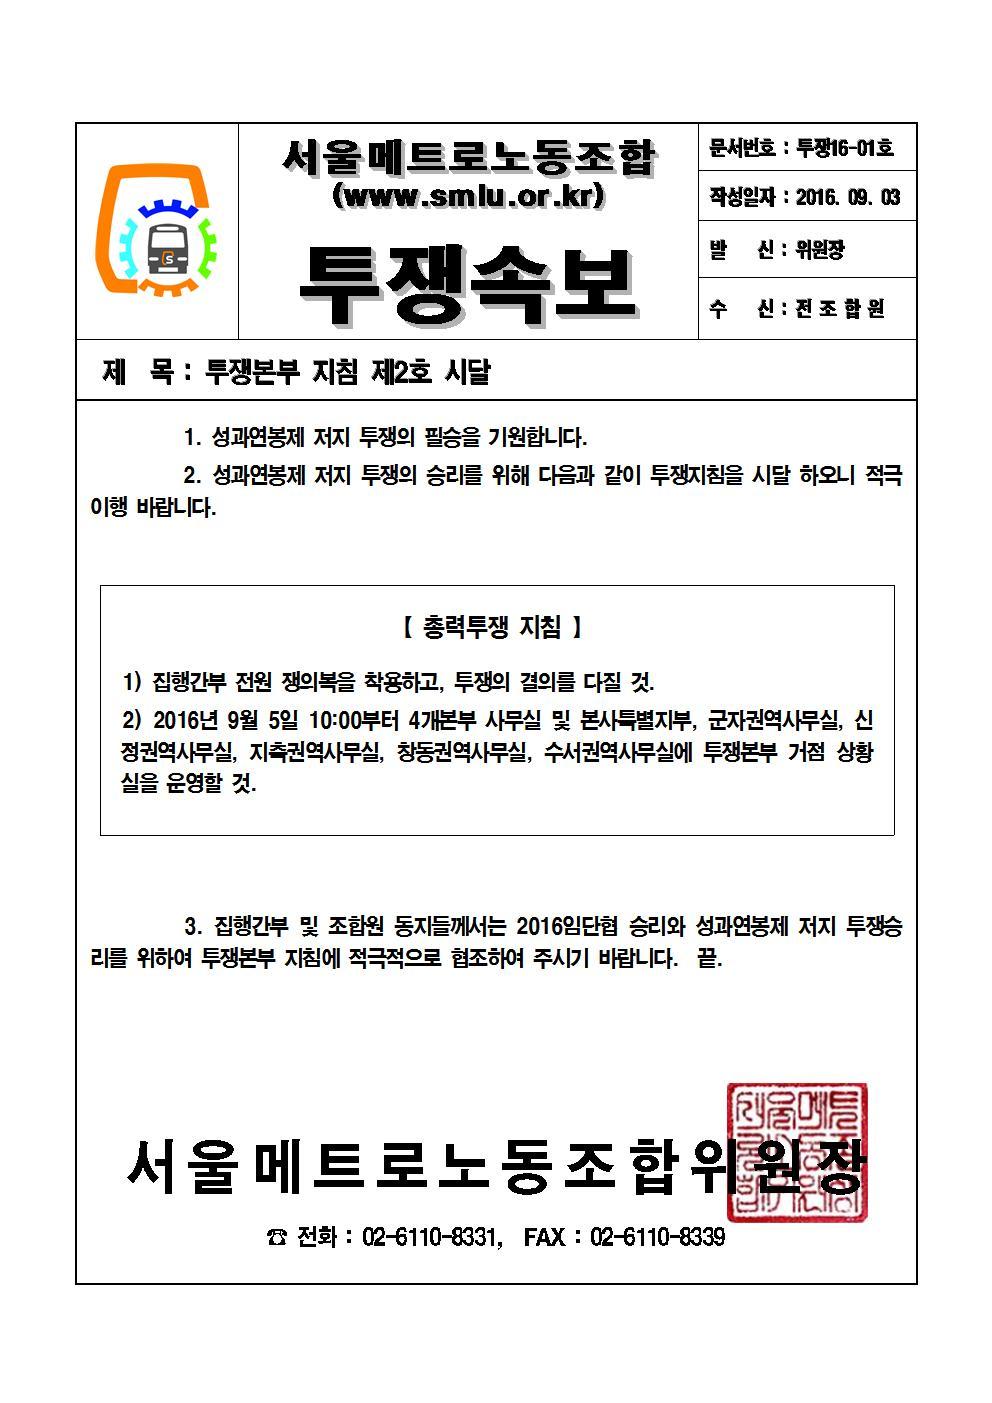 [투쟁속보1호]투쟁본부 지침 제2호 시달001.jpg